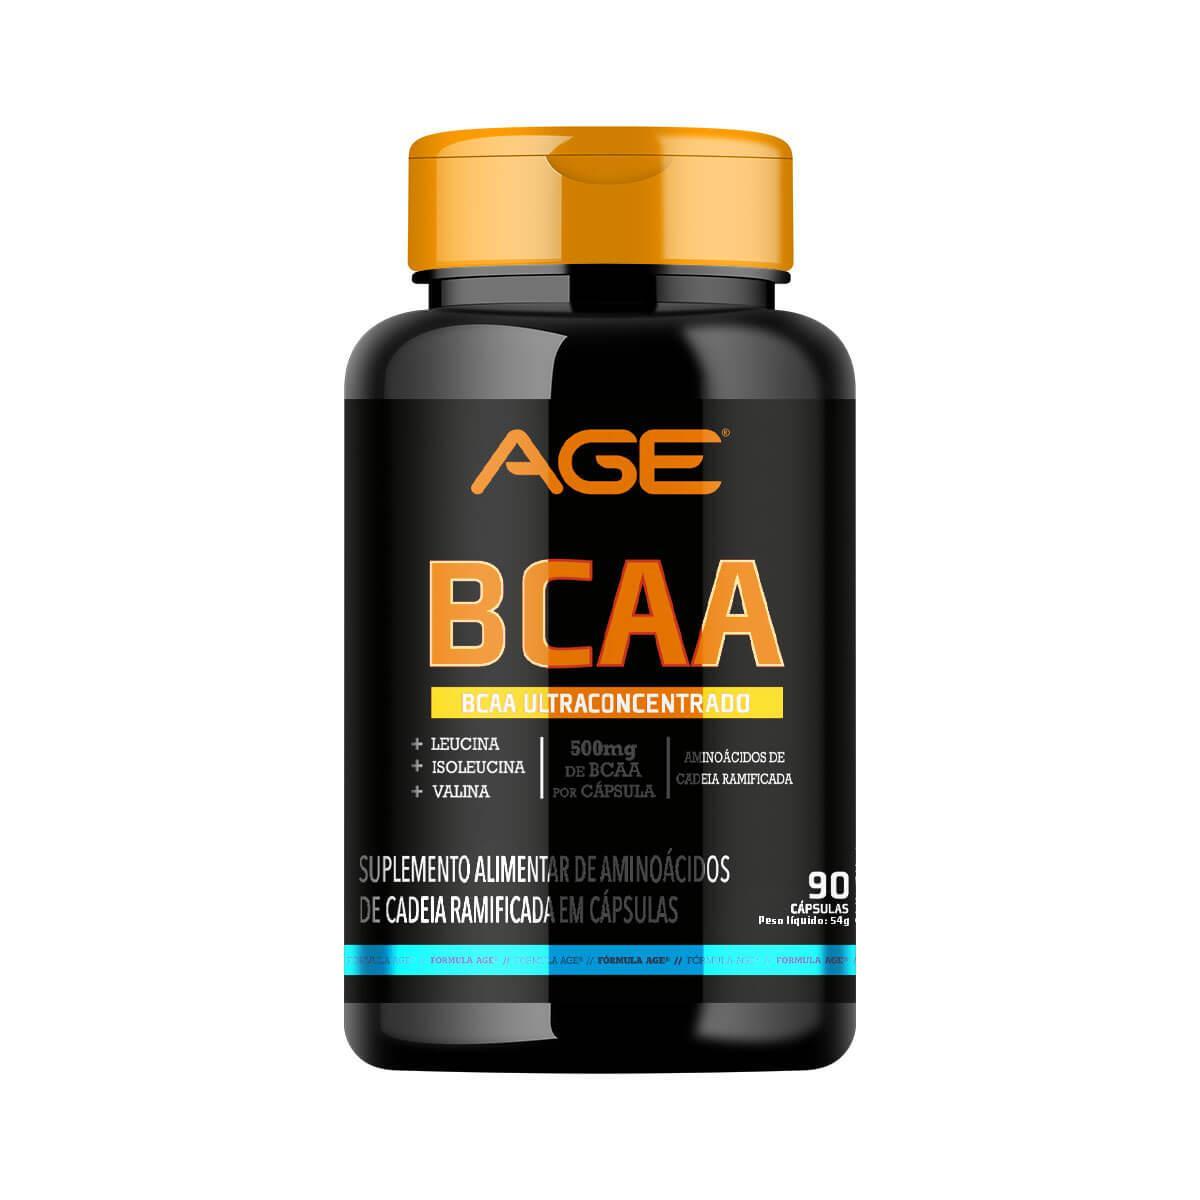 BCAA AGE (90 Cápsulas - 500MG) - AGE